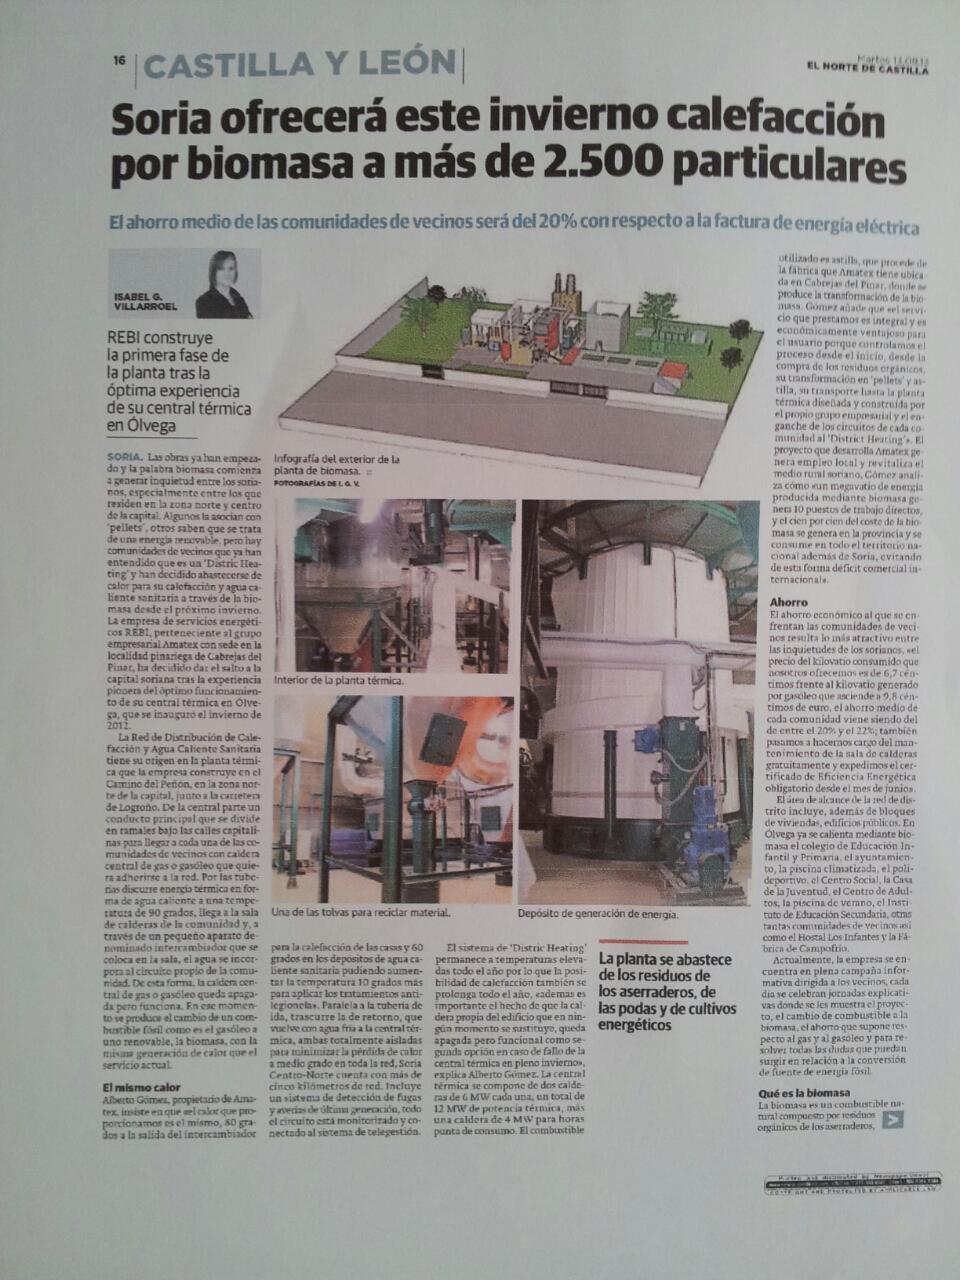 Reportaje El Norte de Castilla, 13 de agosto de 2013